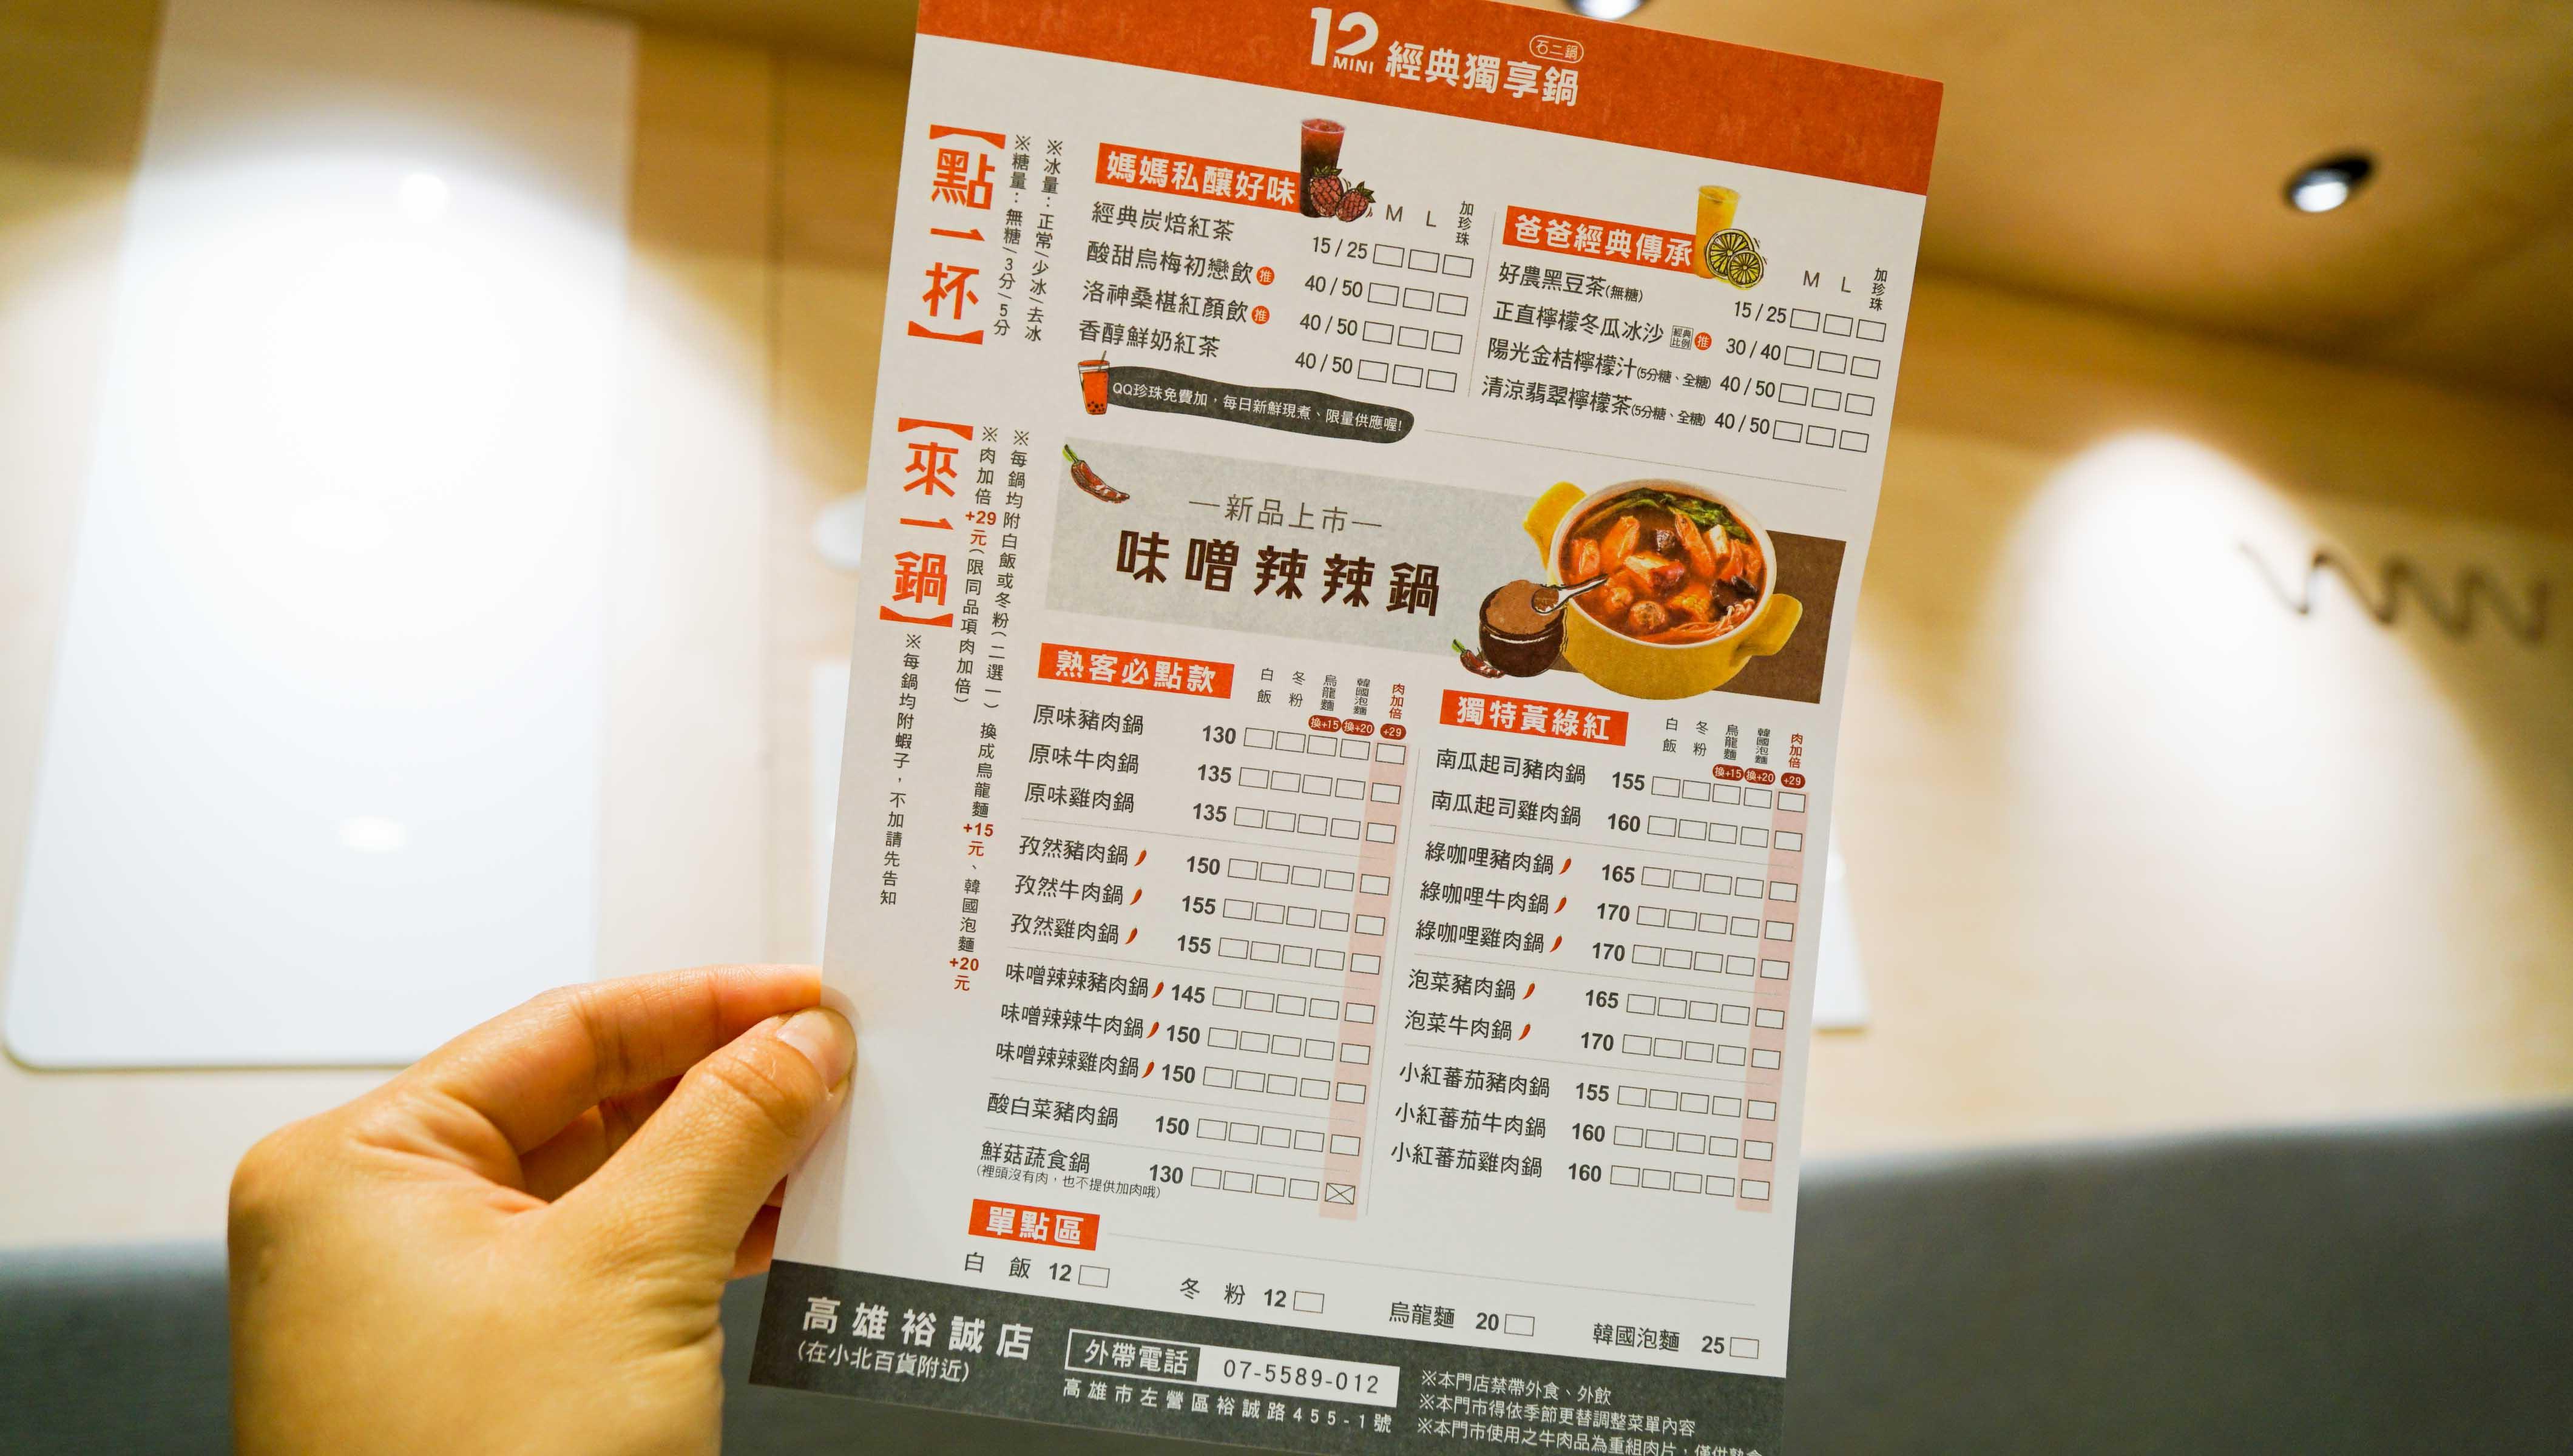 12MINI高雄裕誠店 王品石二鍋新品牌。必點南瓜起士鍋 老闆給我十碗!